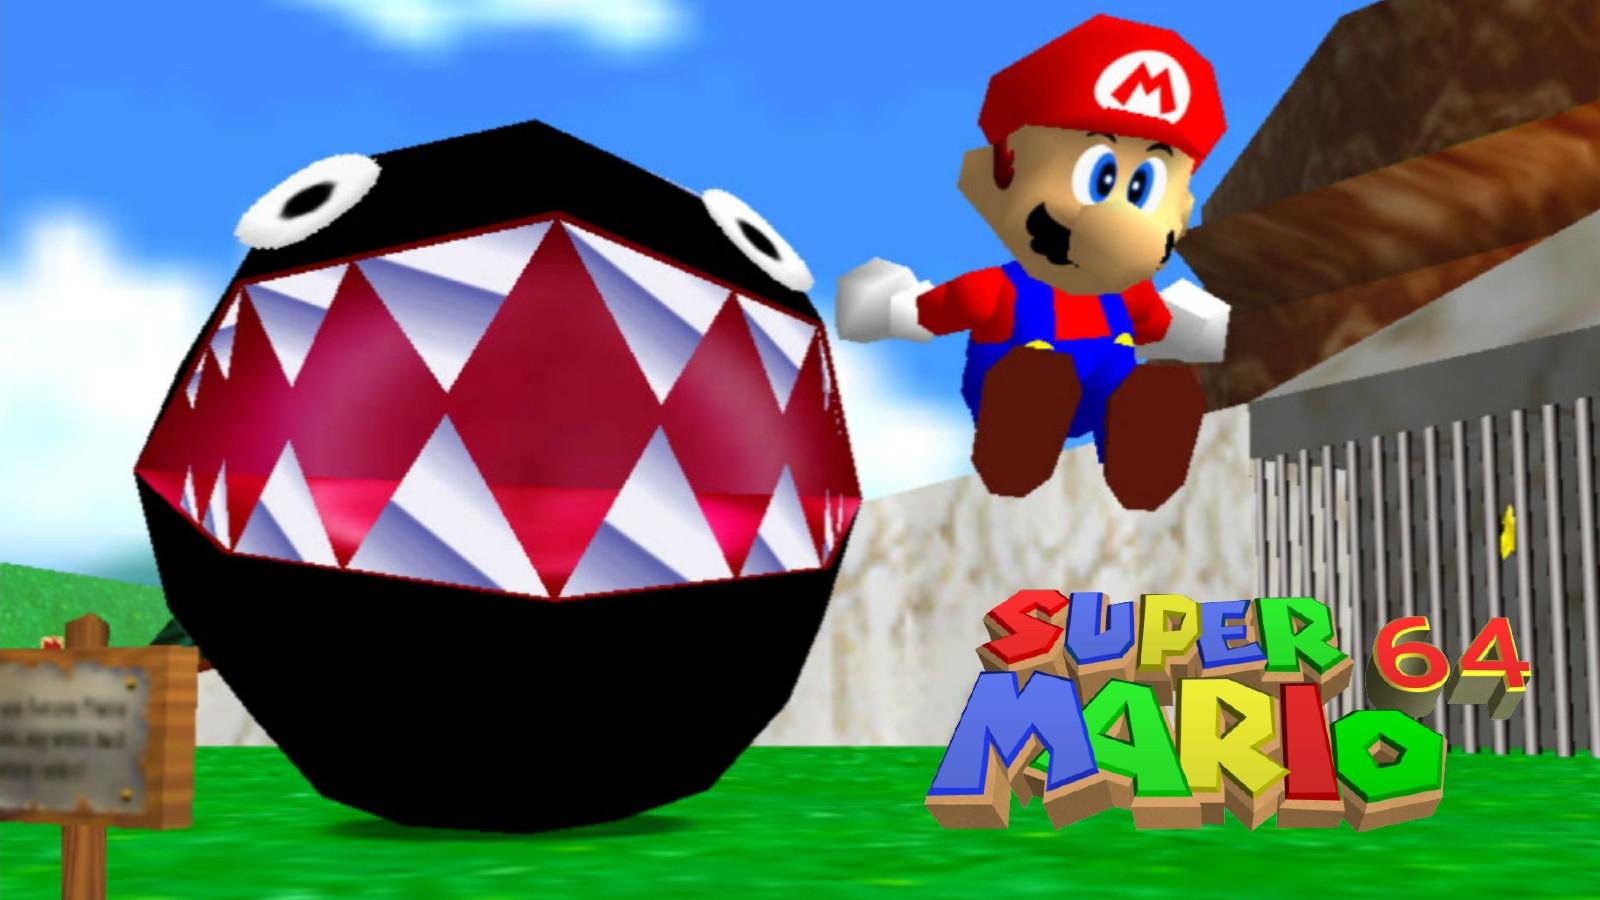 Super Mario 64 record